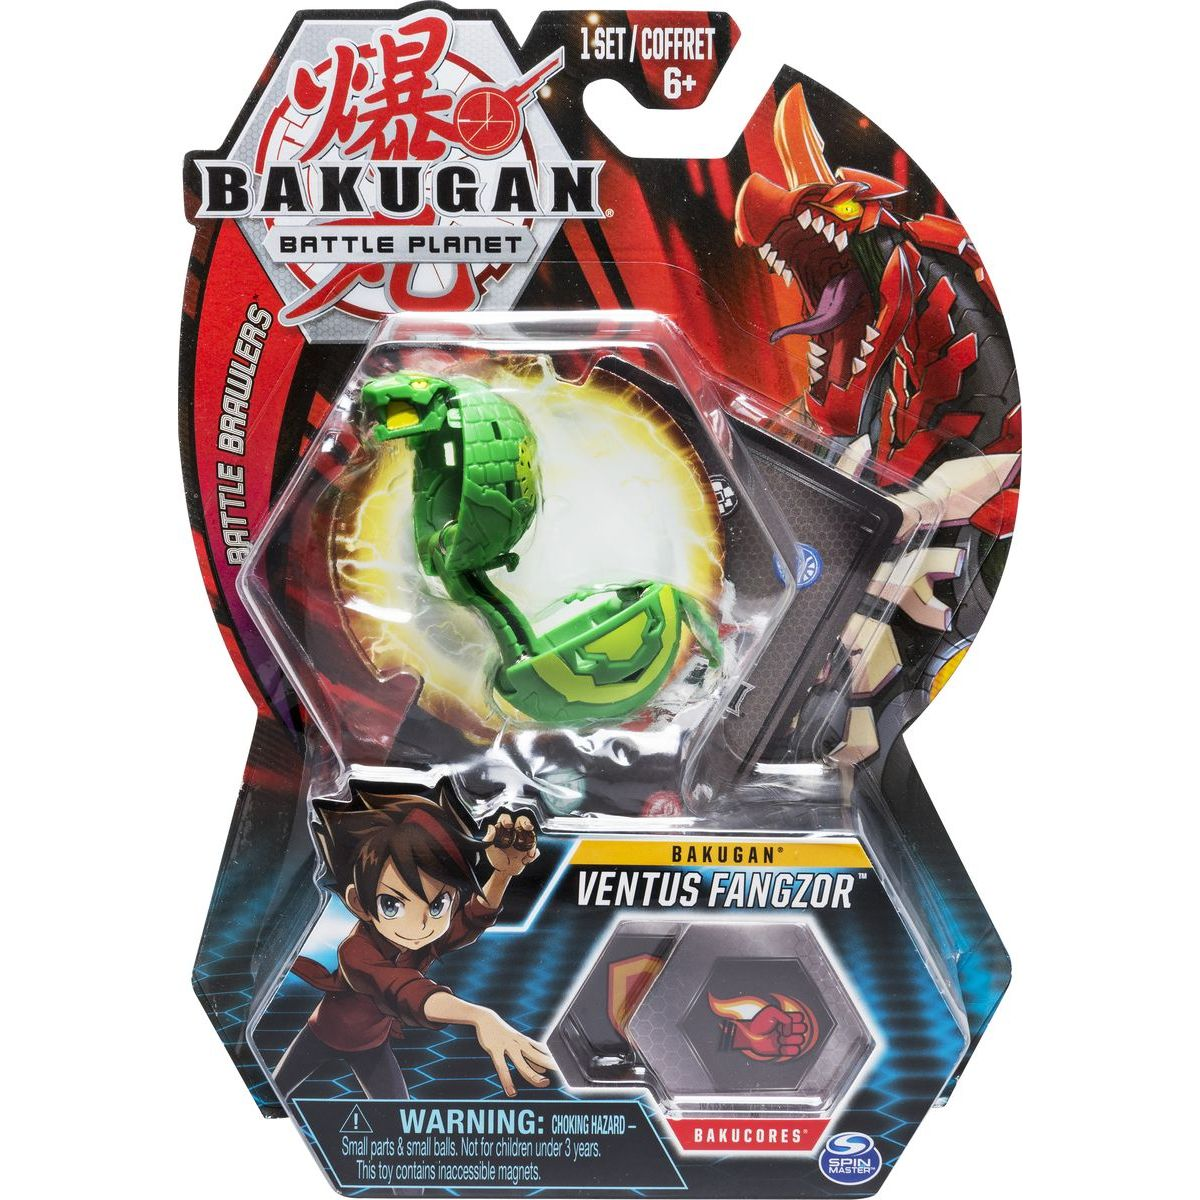 Bakugan základní balení Ventus Fangzor